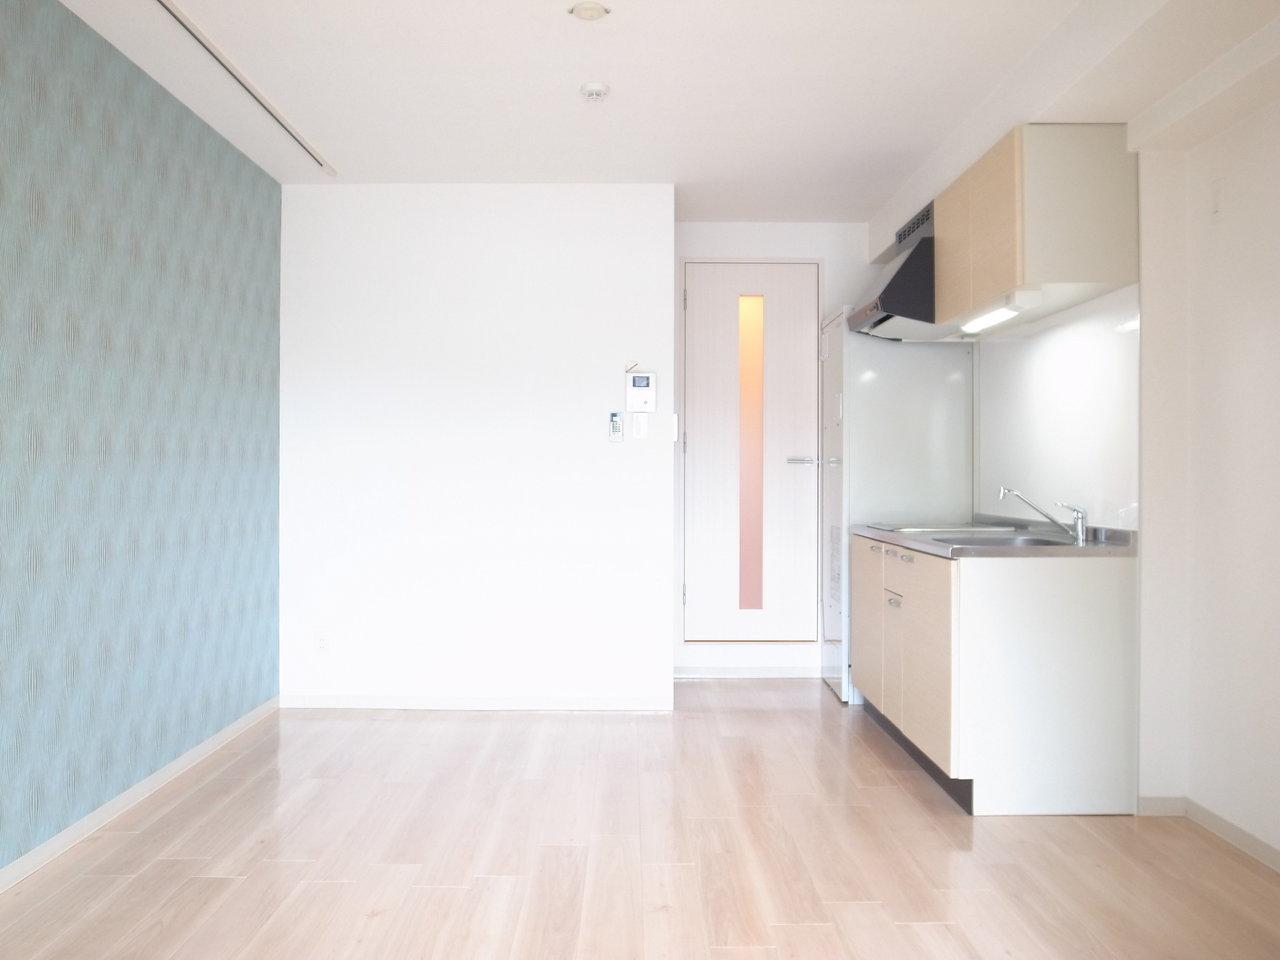 8.6畳リビングと4.1畳の洋室がついた、1LDKタイプのお部屋。模様の入ったブルーの壁紙が綺麗で、落ち着いた印象も与えてくれます。